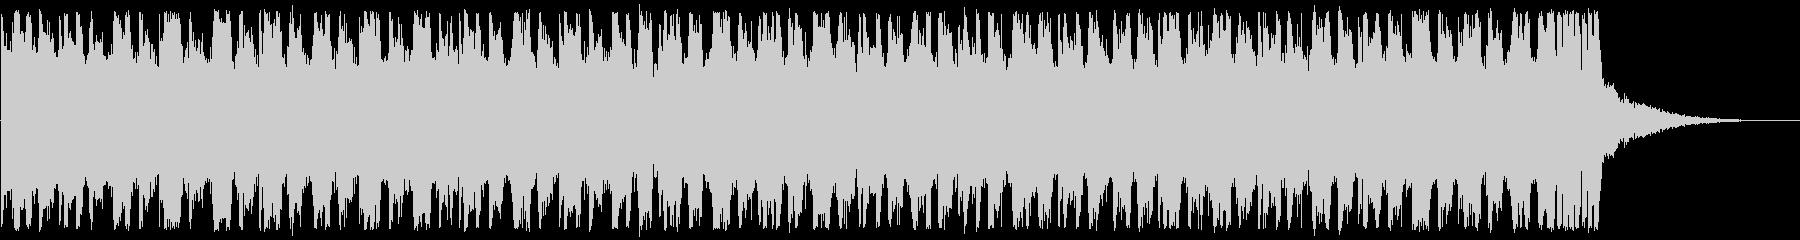 疾走感/情緒的/ハウスロック_474_5の未再生の波形